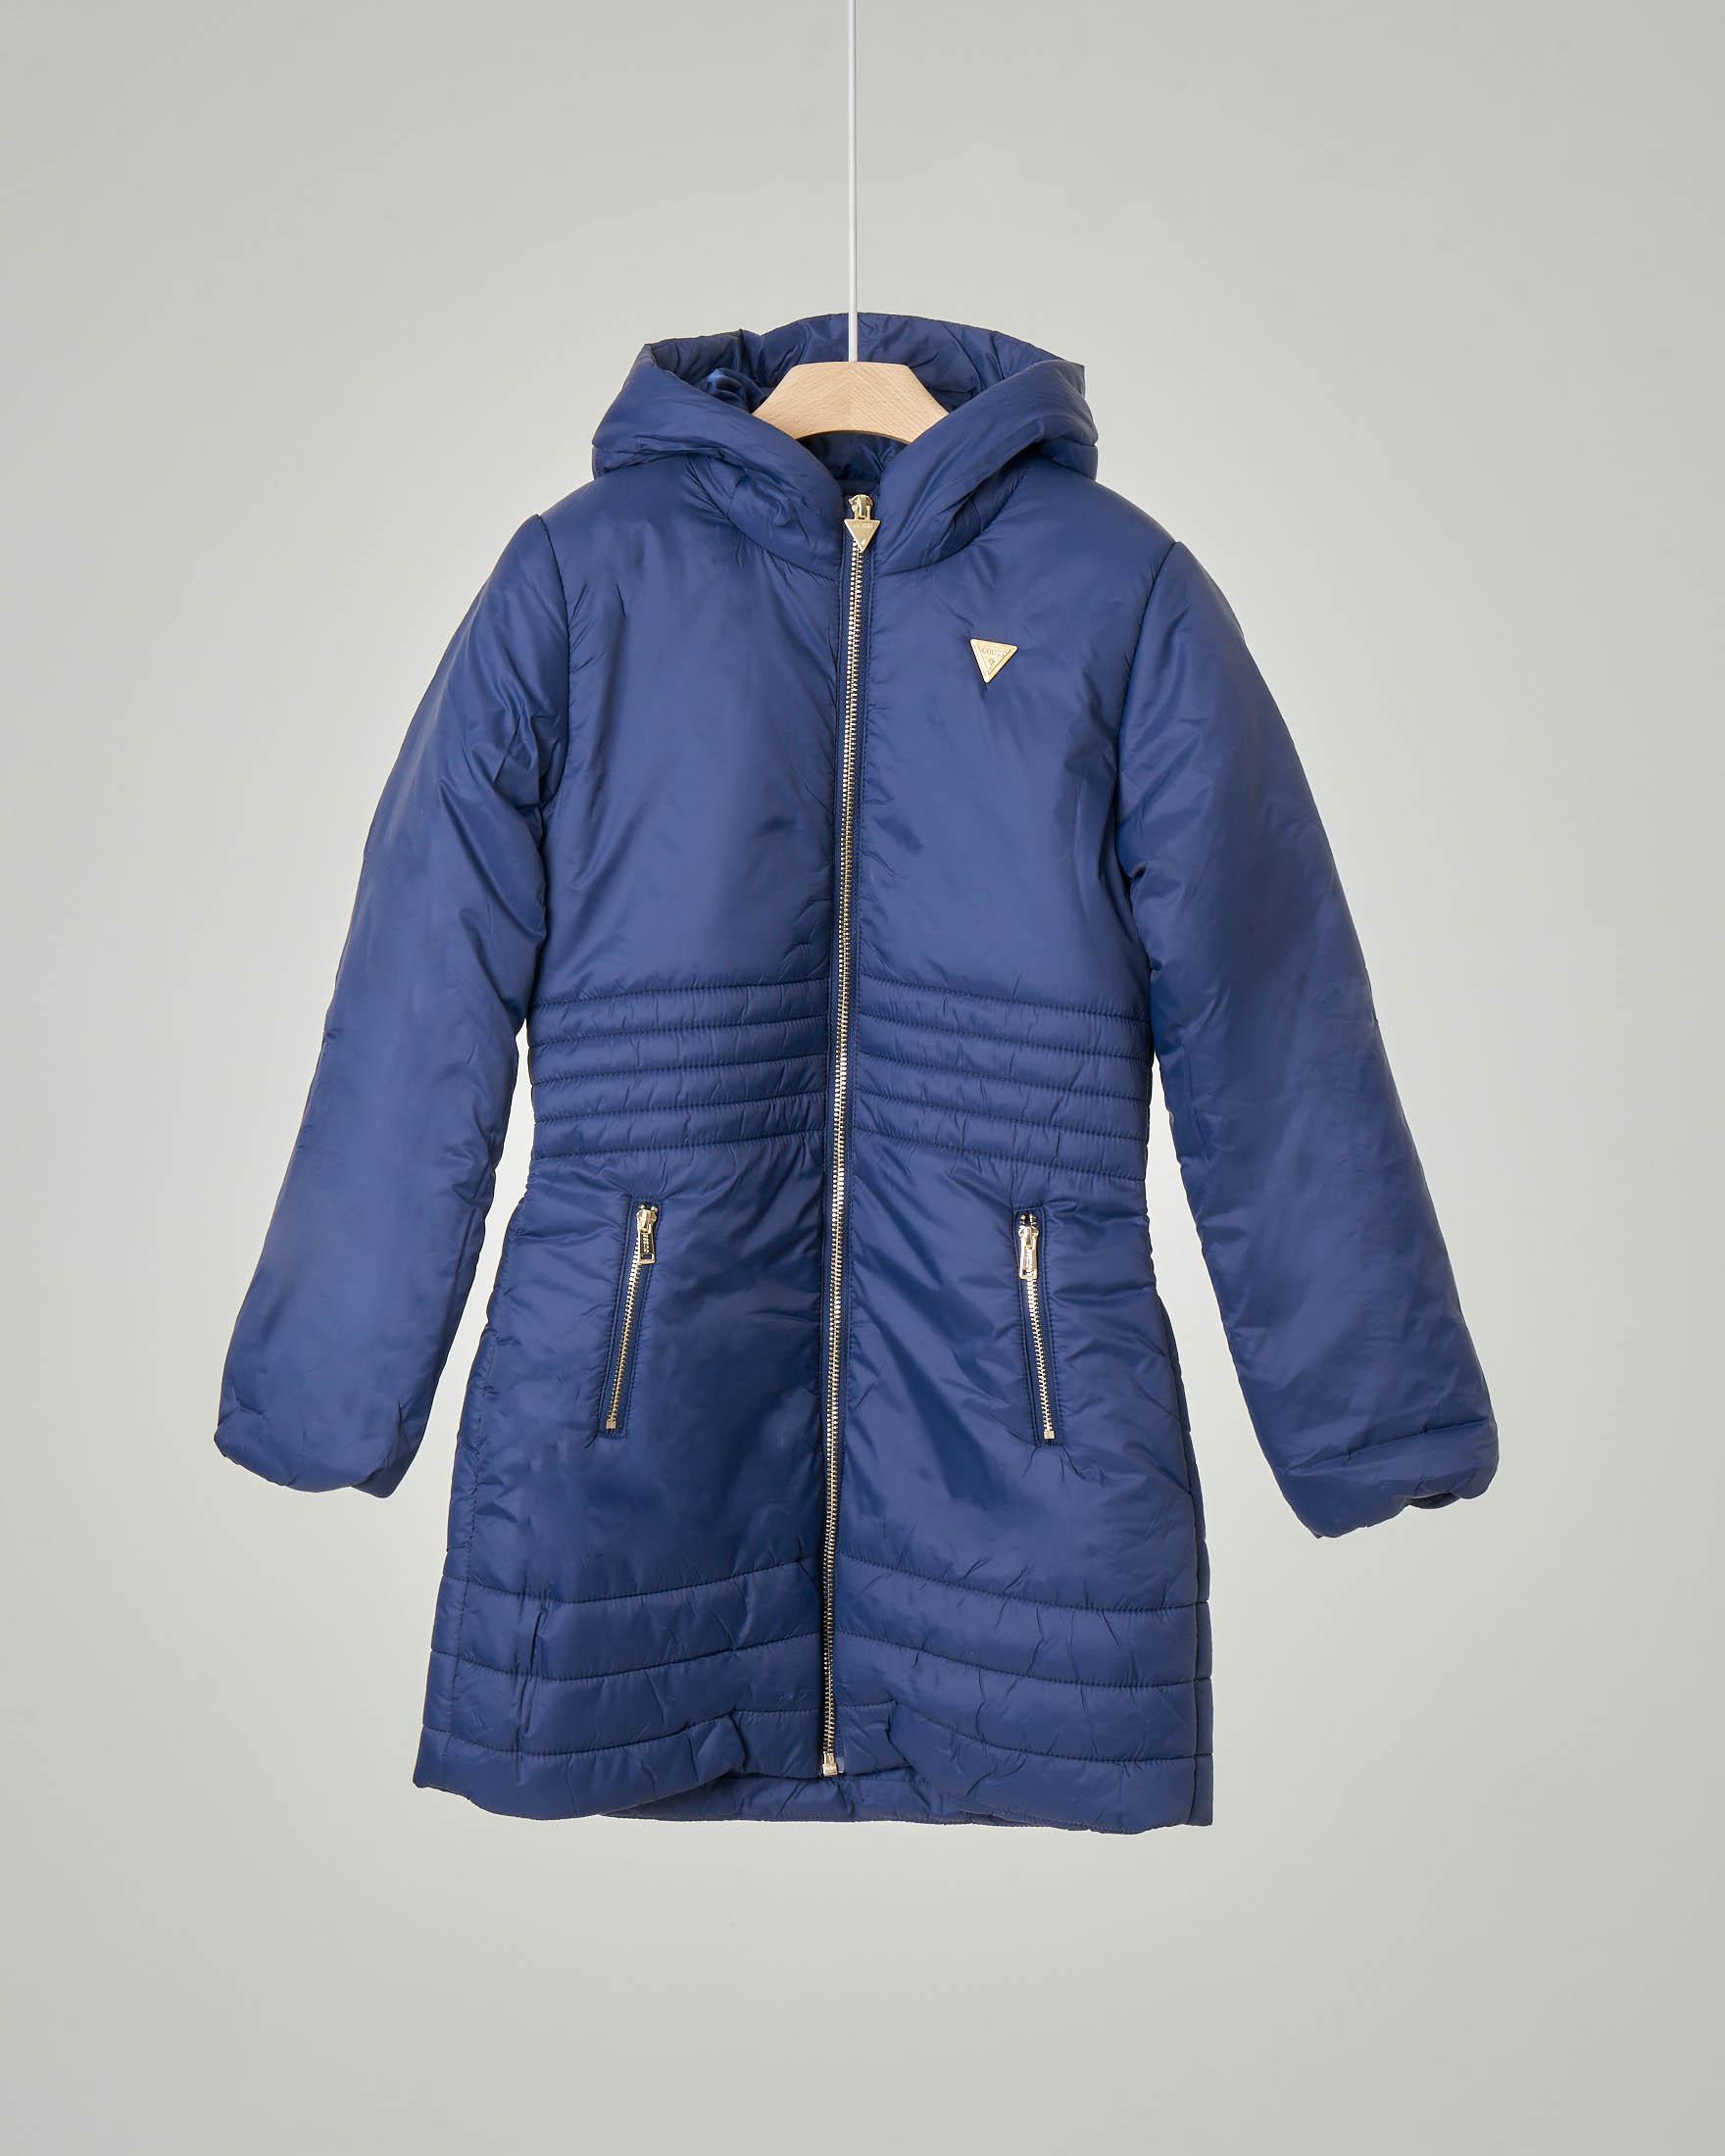 Cappotto blu lungo con cappuccio fisso 8-16 anni